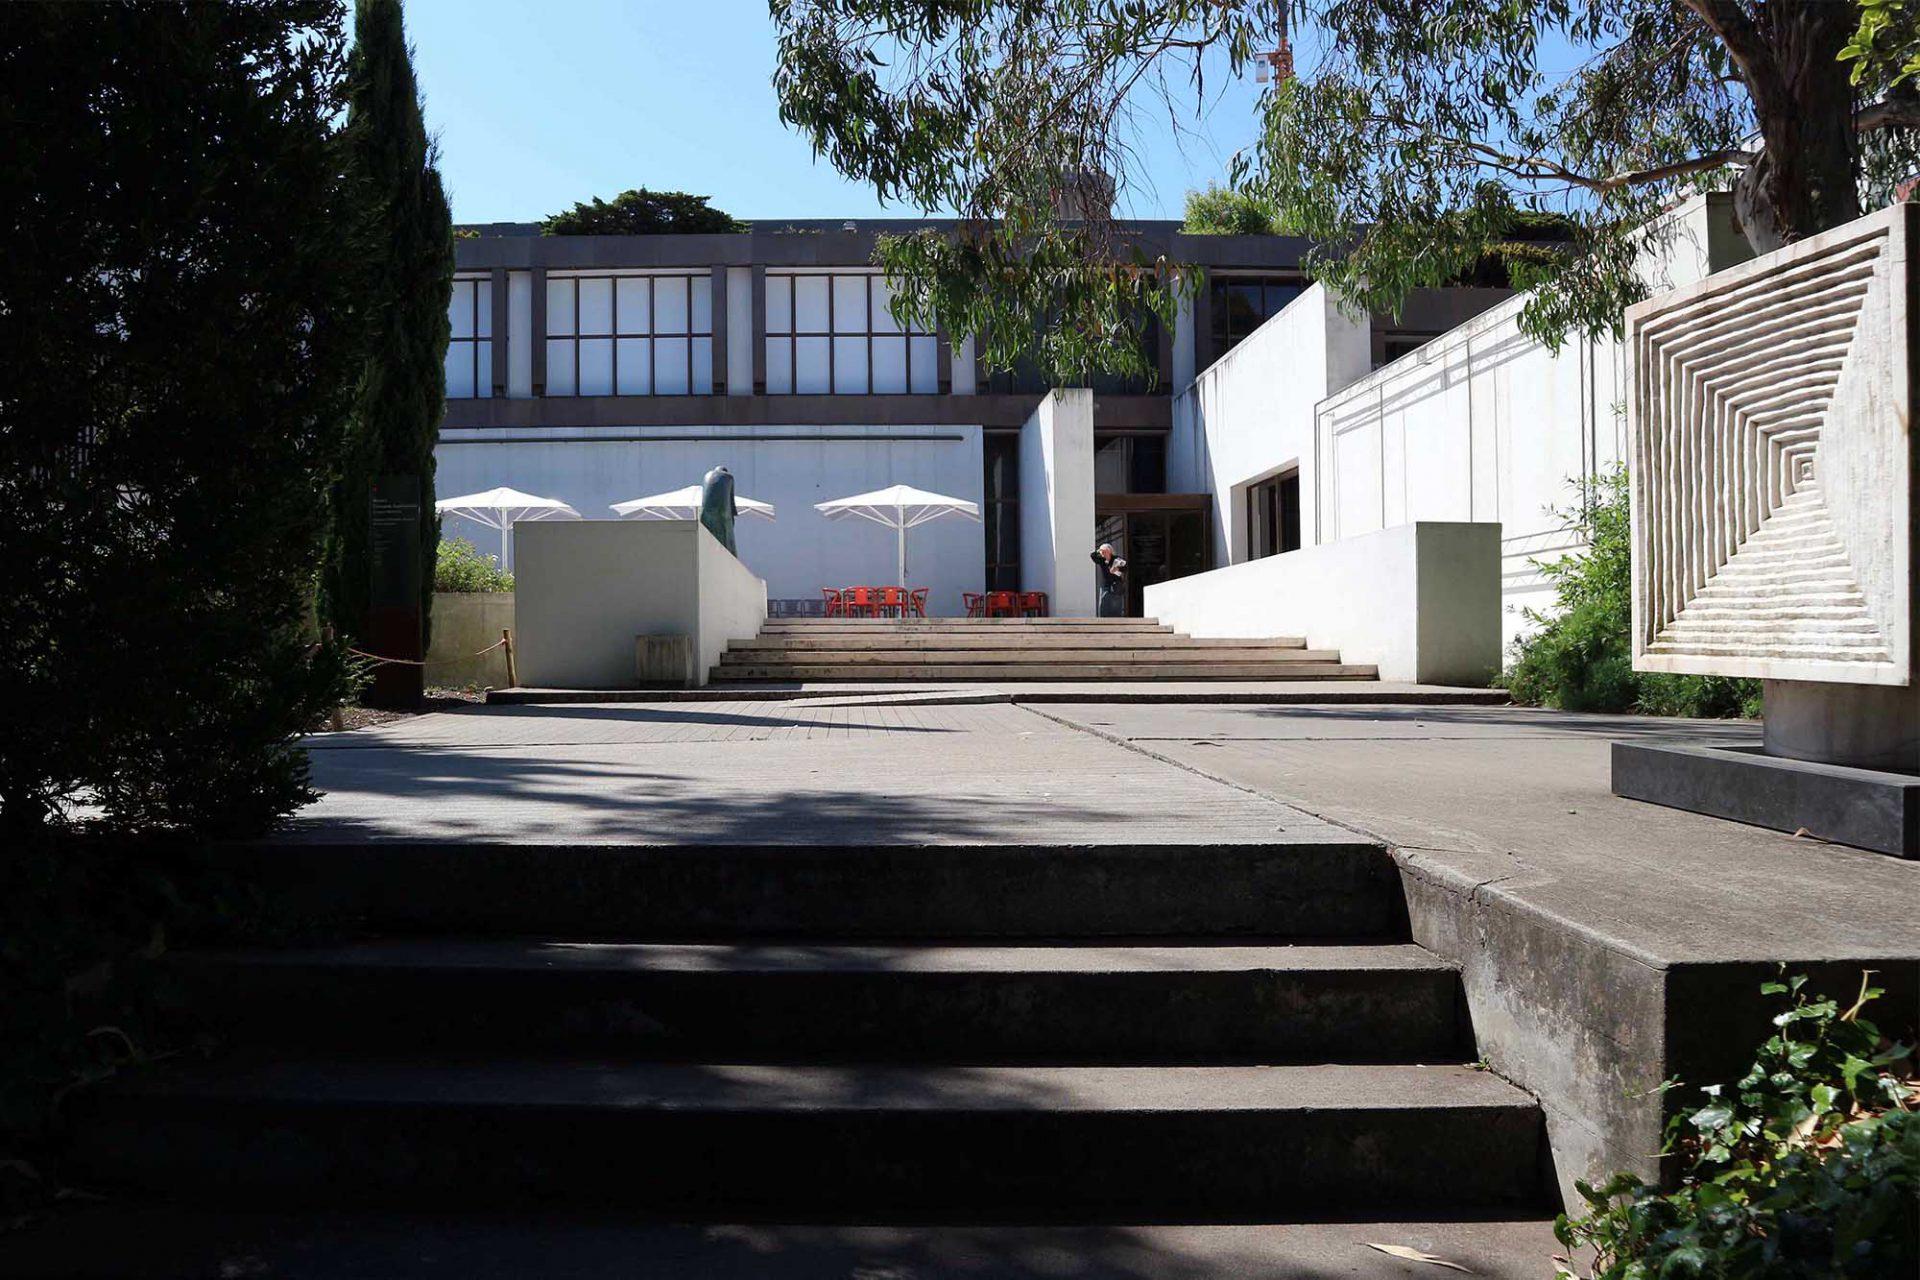 Die Erweiterung. Zehn Jahre nach der Eröffnung der Gulbenkian-Hauptquartiers und des Museums entstand die Idee, innerhalb des Stiftungsareals ein kulturelles Zentrum für darstellende Künste zu schaffen.